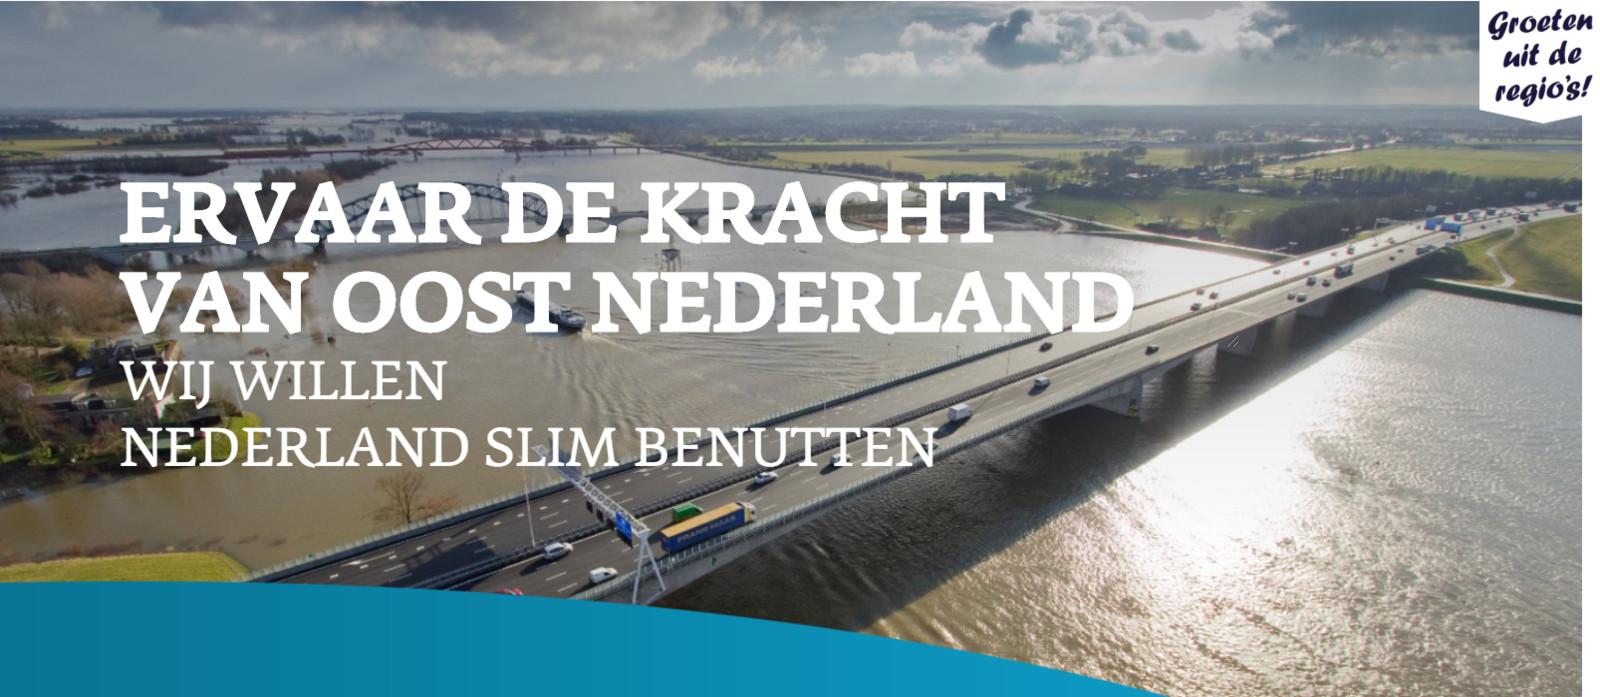 Oost-Nederland begint een lobby in politiek Den Haag.